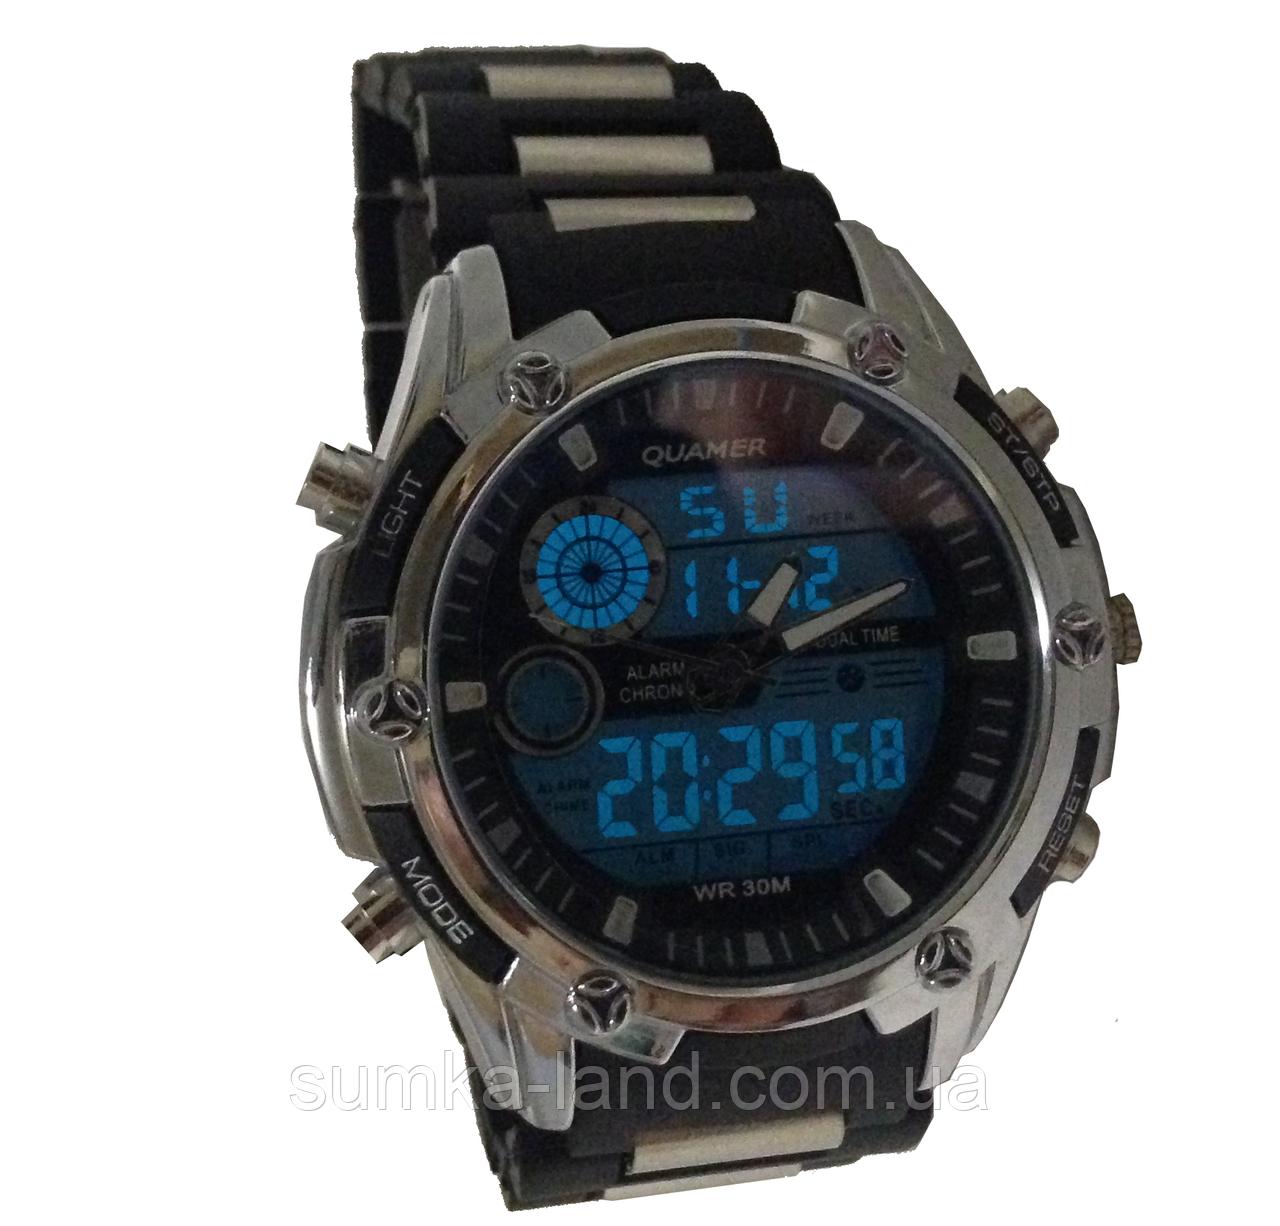 Часы с жк стрелками купить купить часы casio ef 527